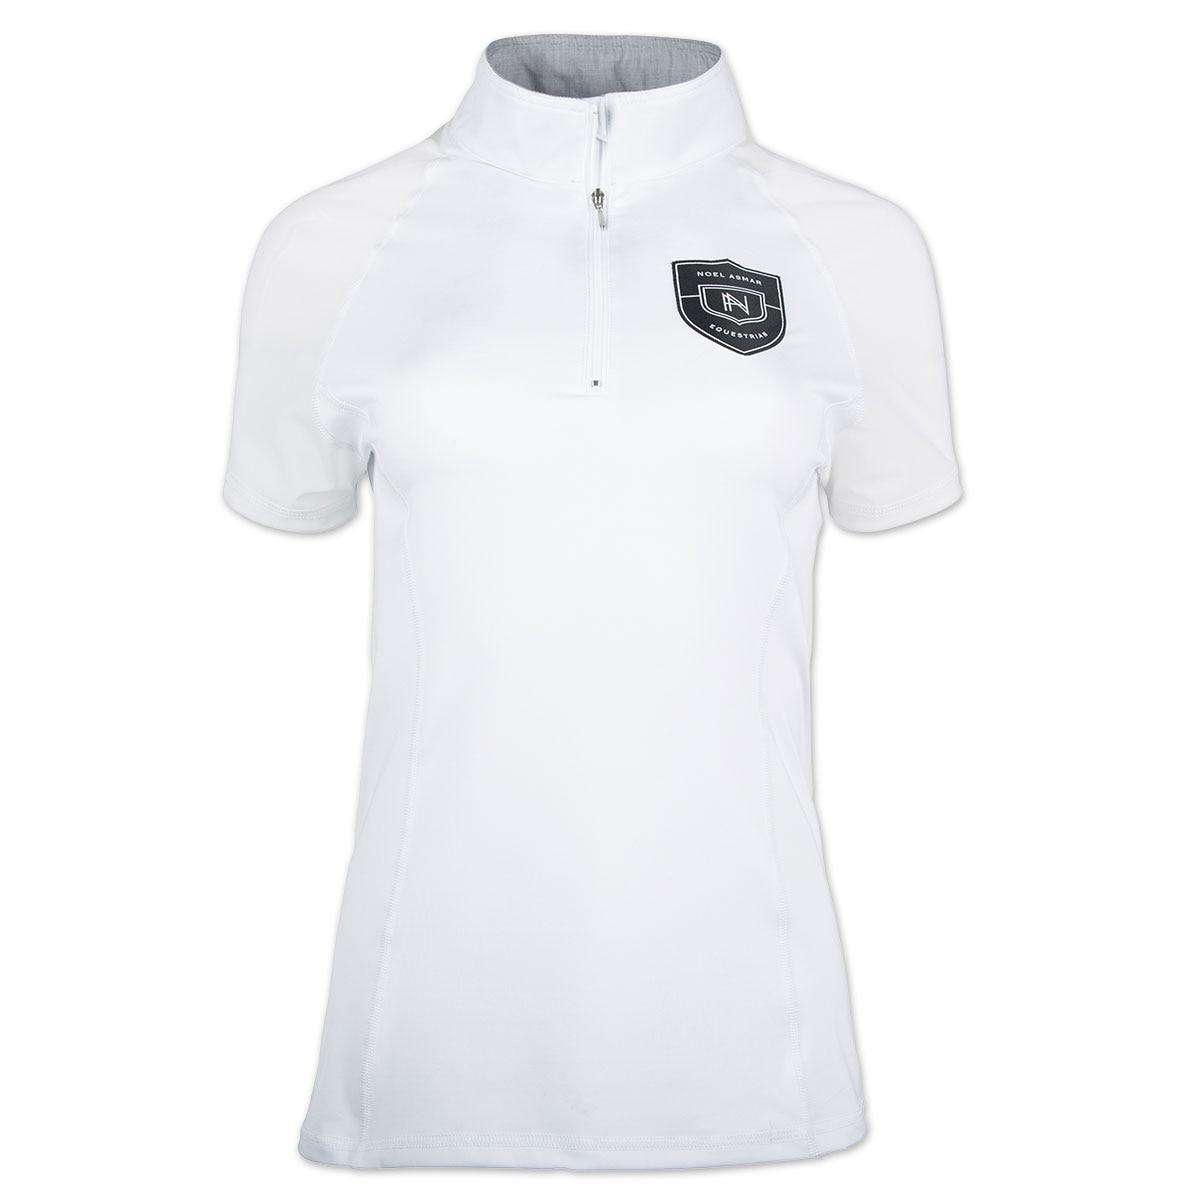 Asmar Paris Short Sleeve Sun Shirt